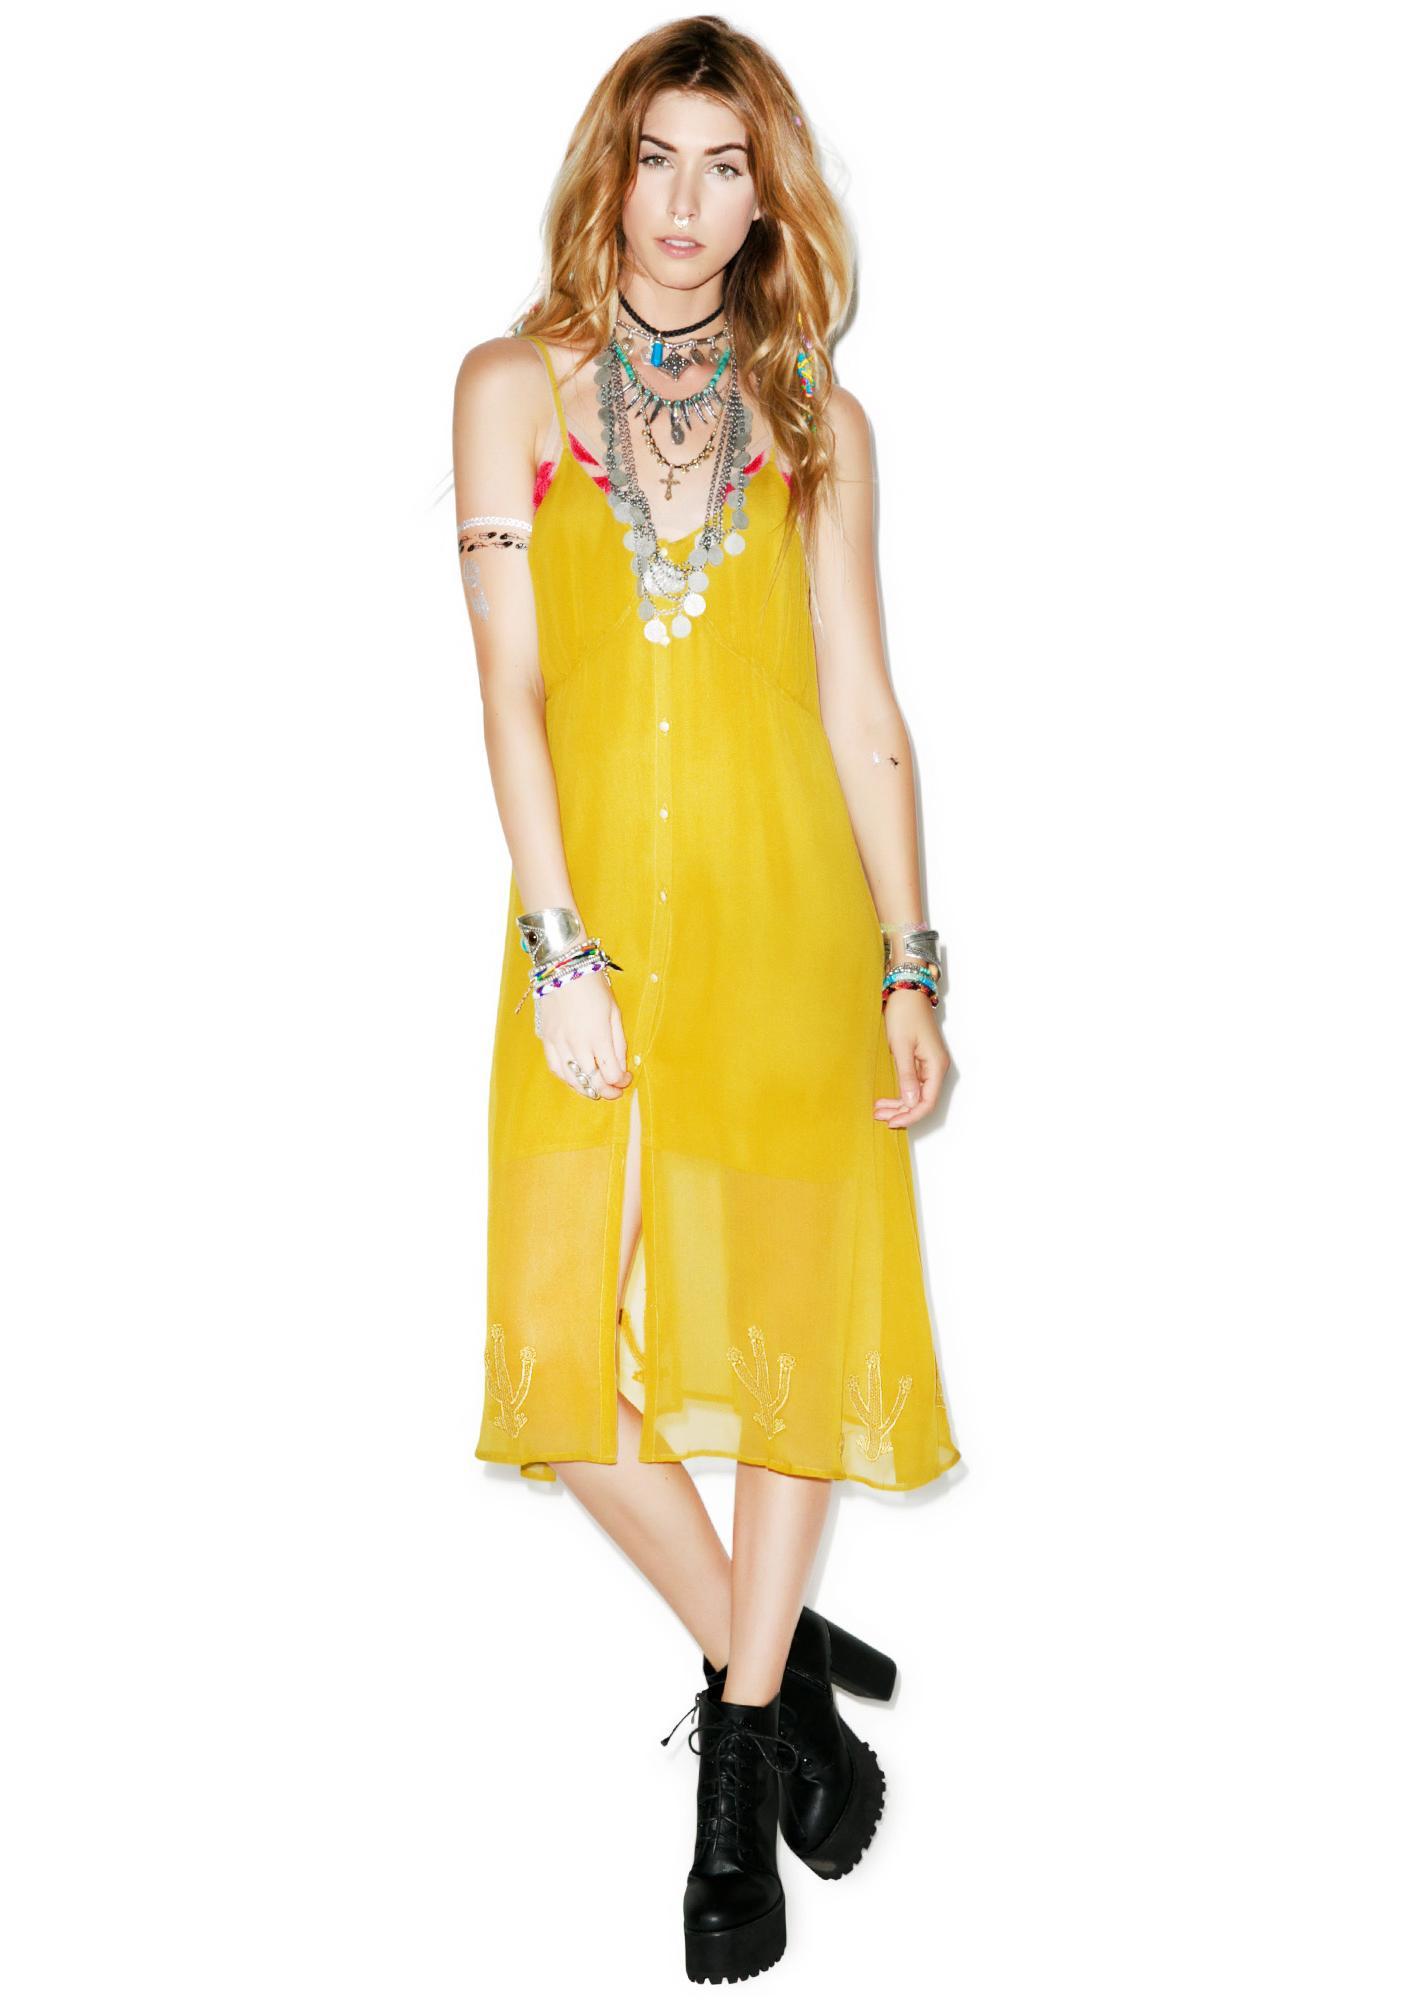 For Love & Lemons Prickly Pear Dress